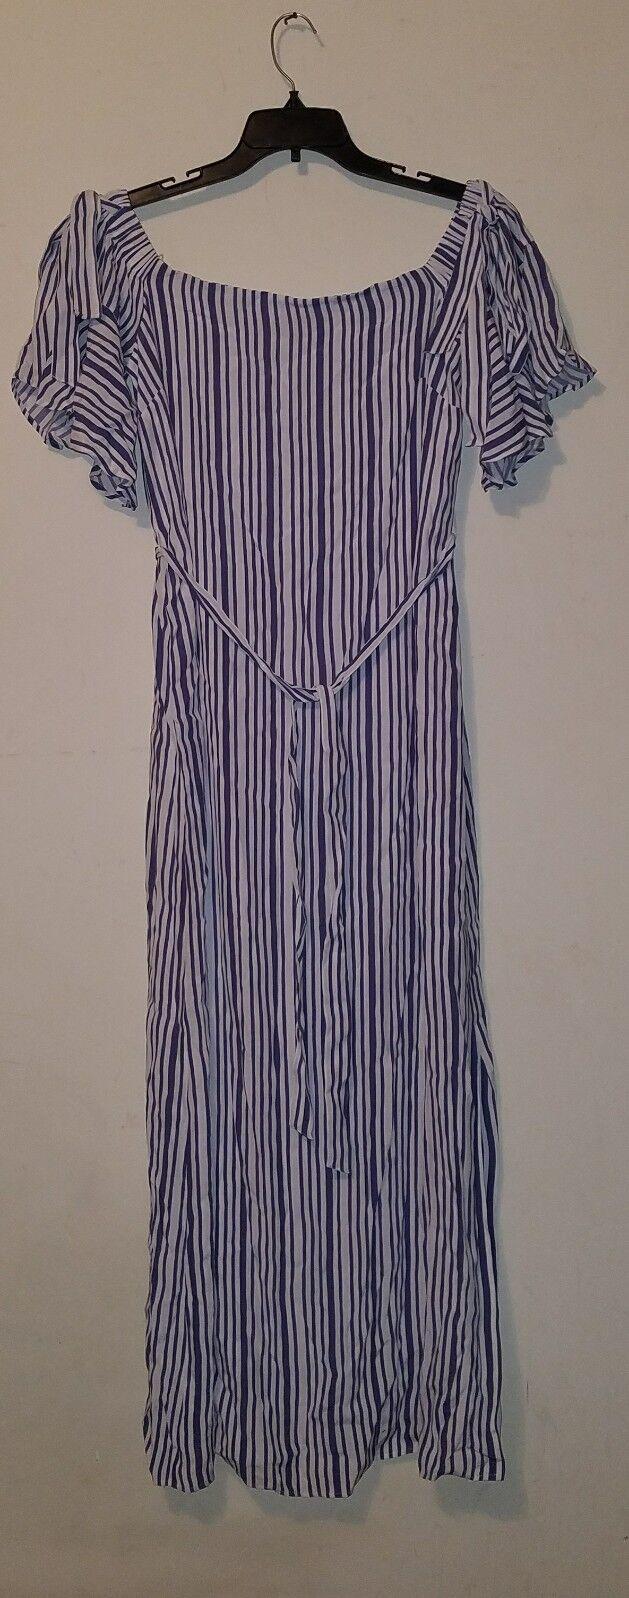 NWT Banana Republic Off-the-Shoulder Stripe Maxi Dress Blau  sz L